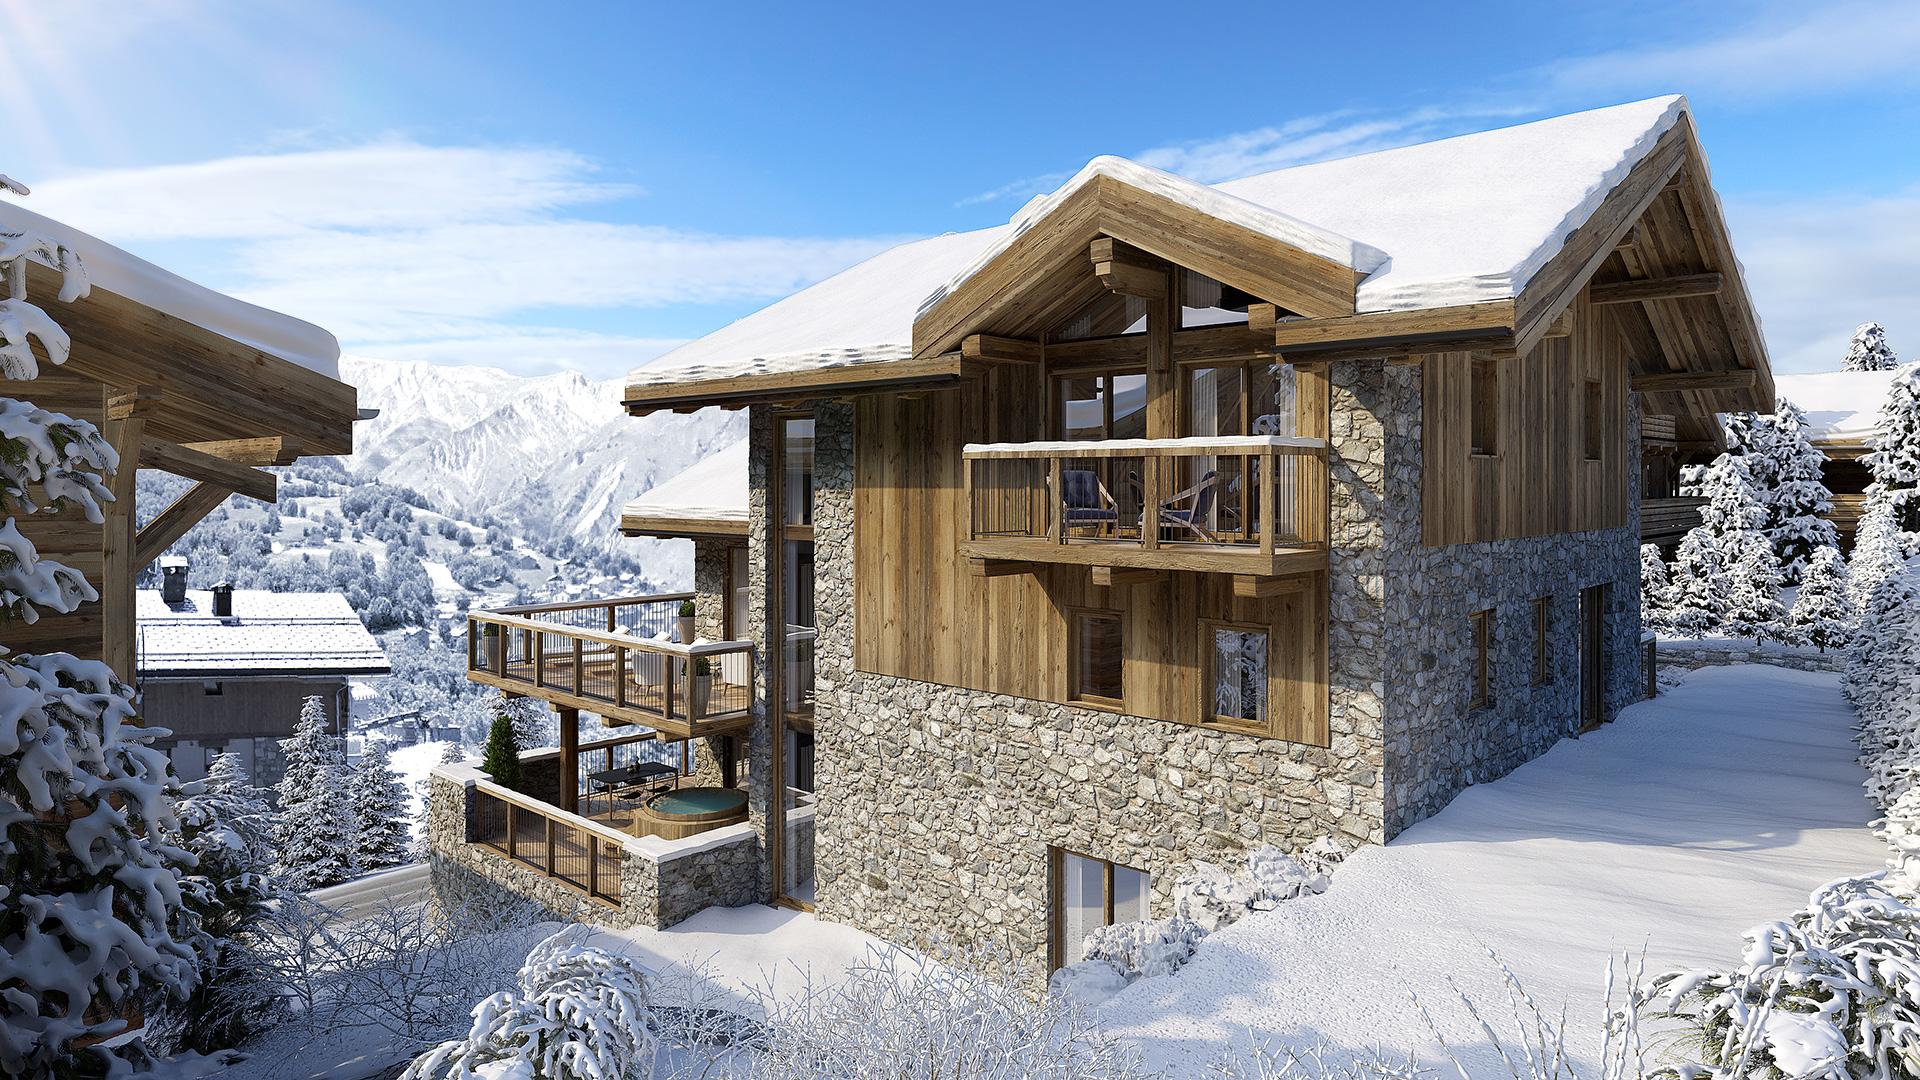 Chalet K2 Chalet, France